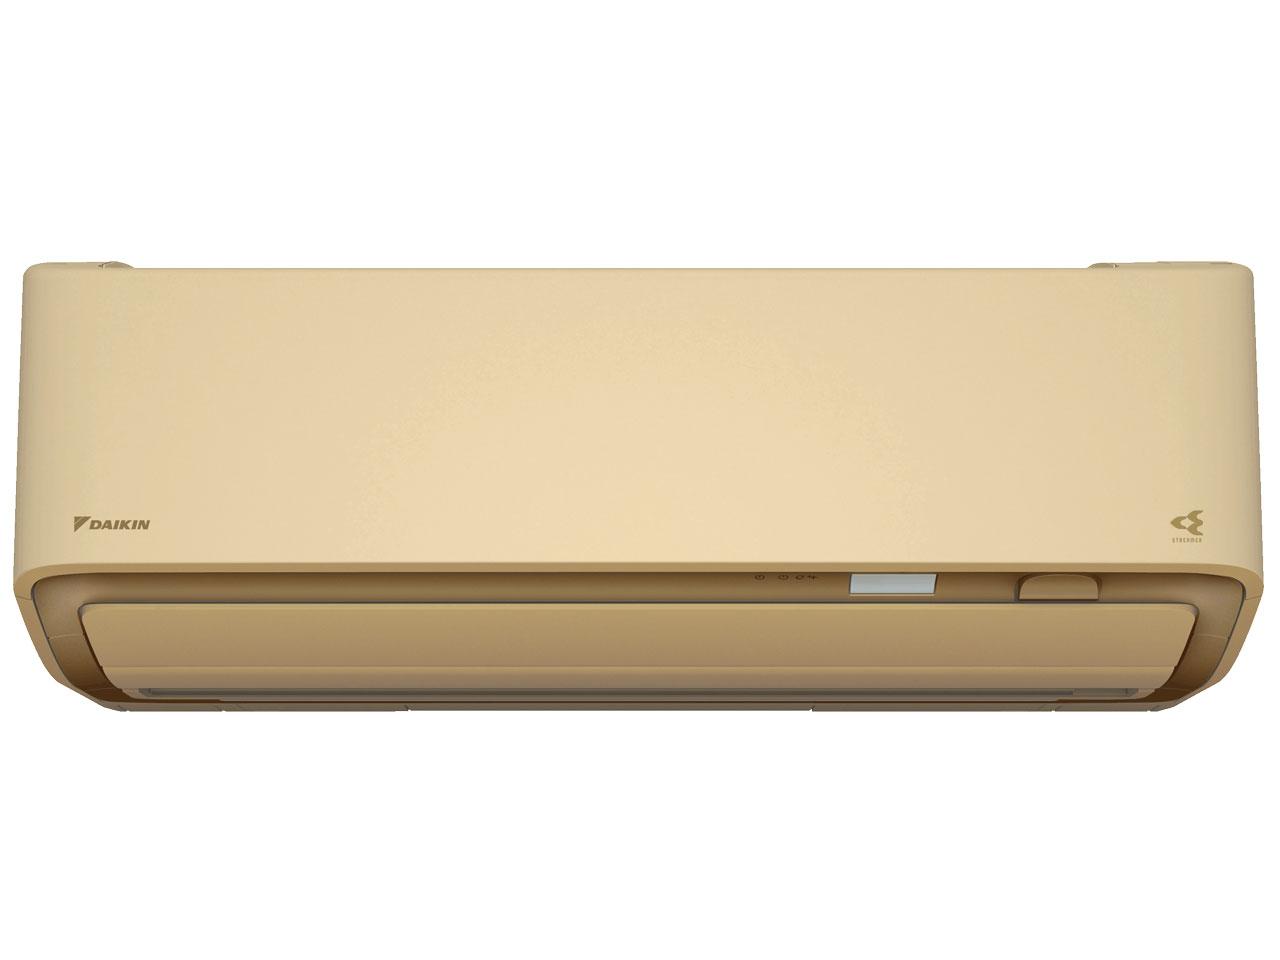 ダイキン 19年モデル DXシリーズ S28WTDXP-C 【200V用】10畳用冷暖房除湿エアコン